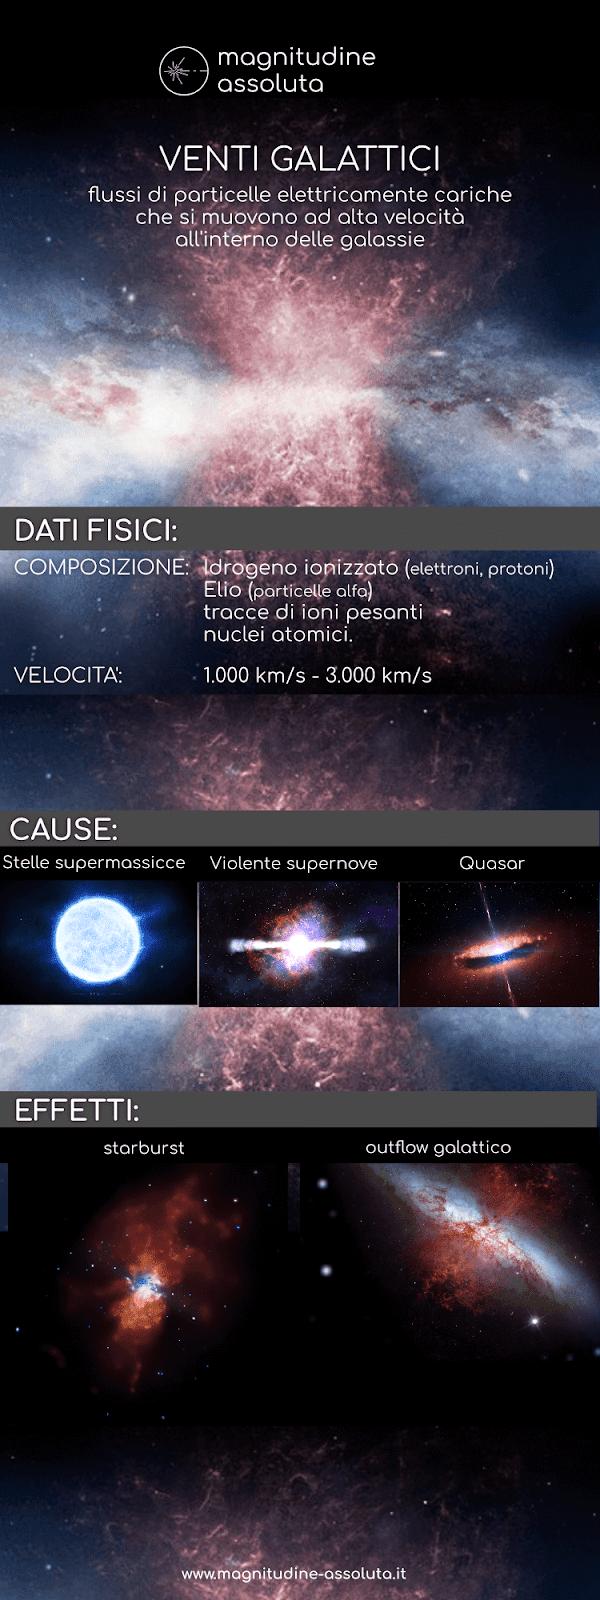 Infografica realizzata da Magnitudine Assoluta per riassumere cosa sono i venti galattici.